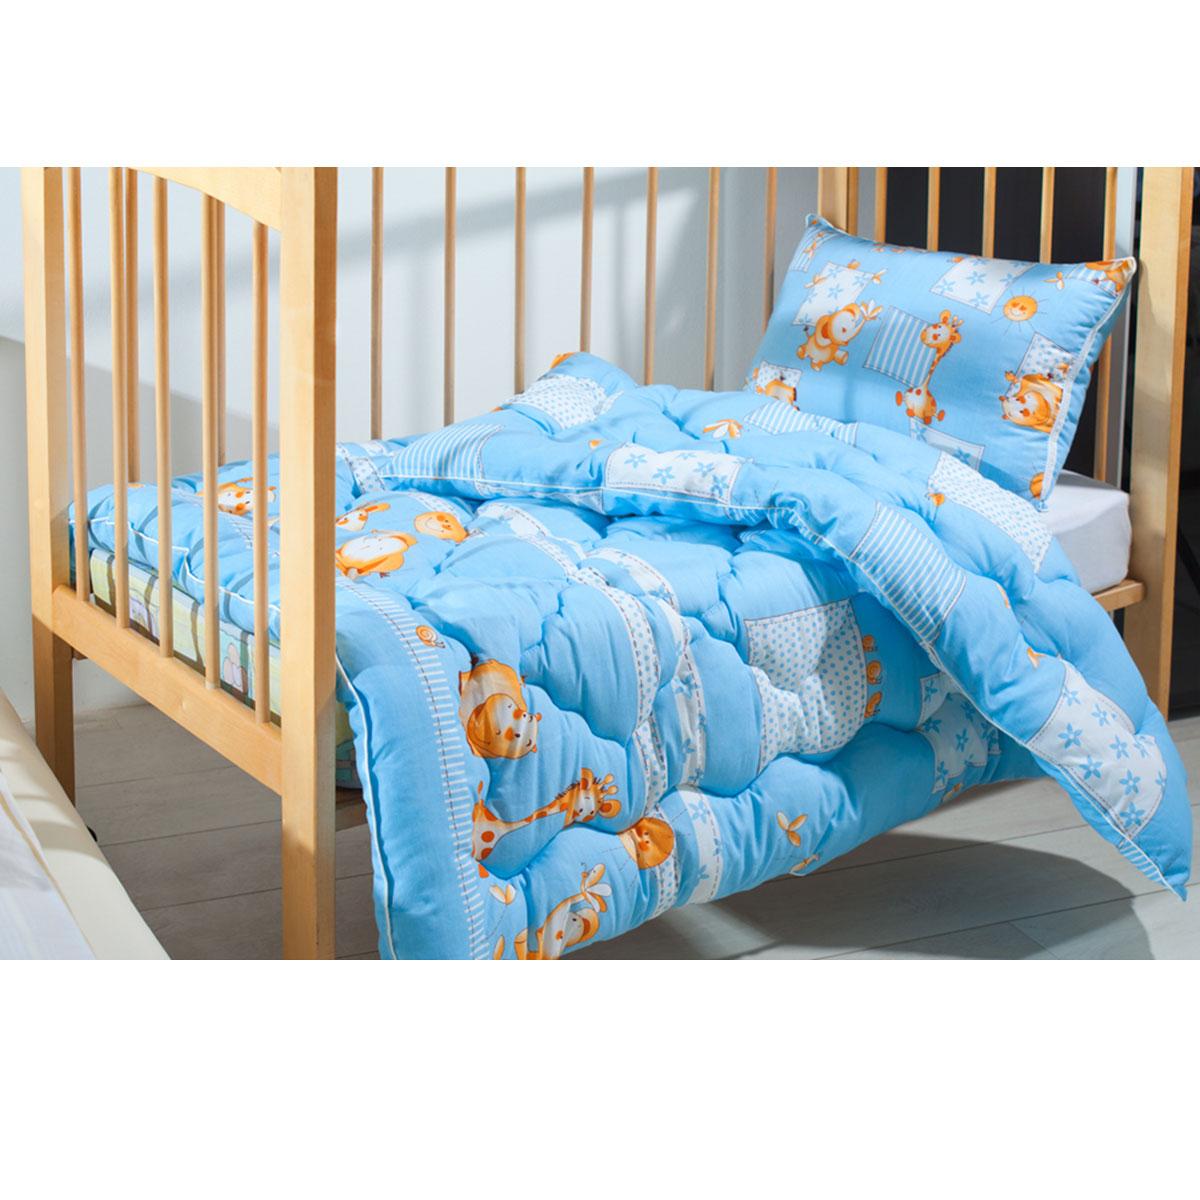 """Детское стеганое одеяло Подушкино """"Лежебока"""" изготовлено из натурального хлопка. Такое одеяло будет бережно хранить безмятежный сон вашего ребенка. Наполнитель одеяла состоит из экофайбера. Легкие и теплые изделия с этим наполнителем не вызывают аллергии, легко стираются, быстро высыхают и сохраняют свои свойства после длительной эксплуатации. Одеяло с таким наполнителем - это атрибут здорового сна и полноценного отдыха! Детское одеяло Подушкино """"Лежебока"""" - лучший выбор для тех, кто стремится проявить заботу о своем ребенке."""